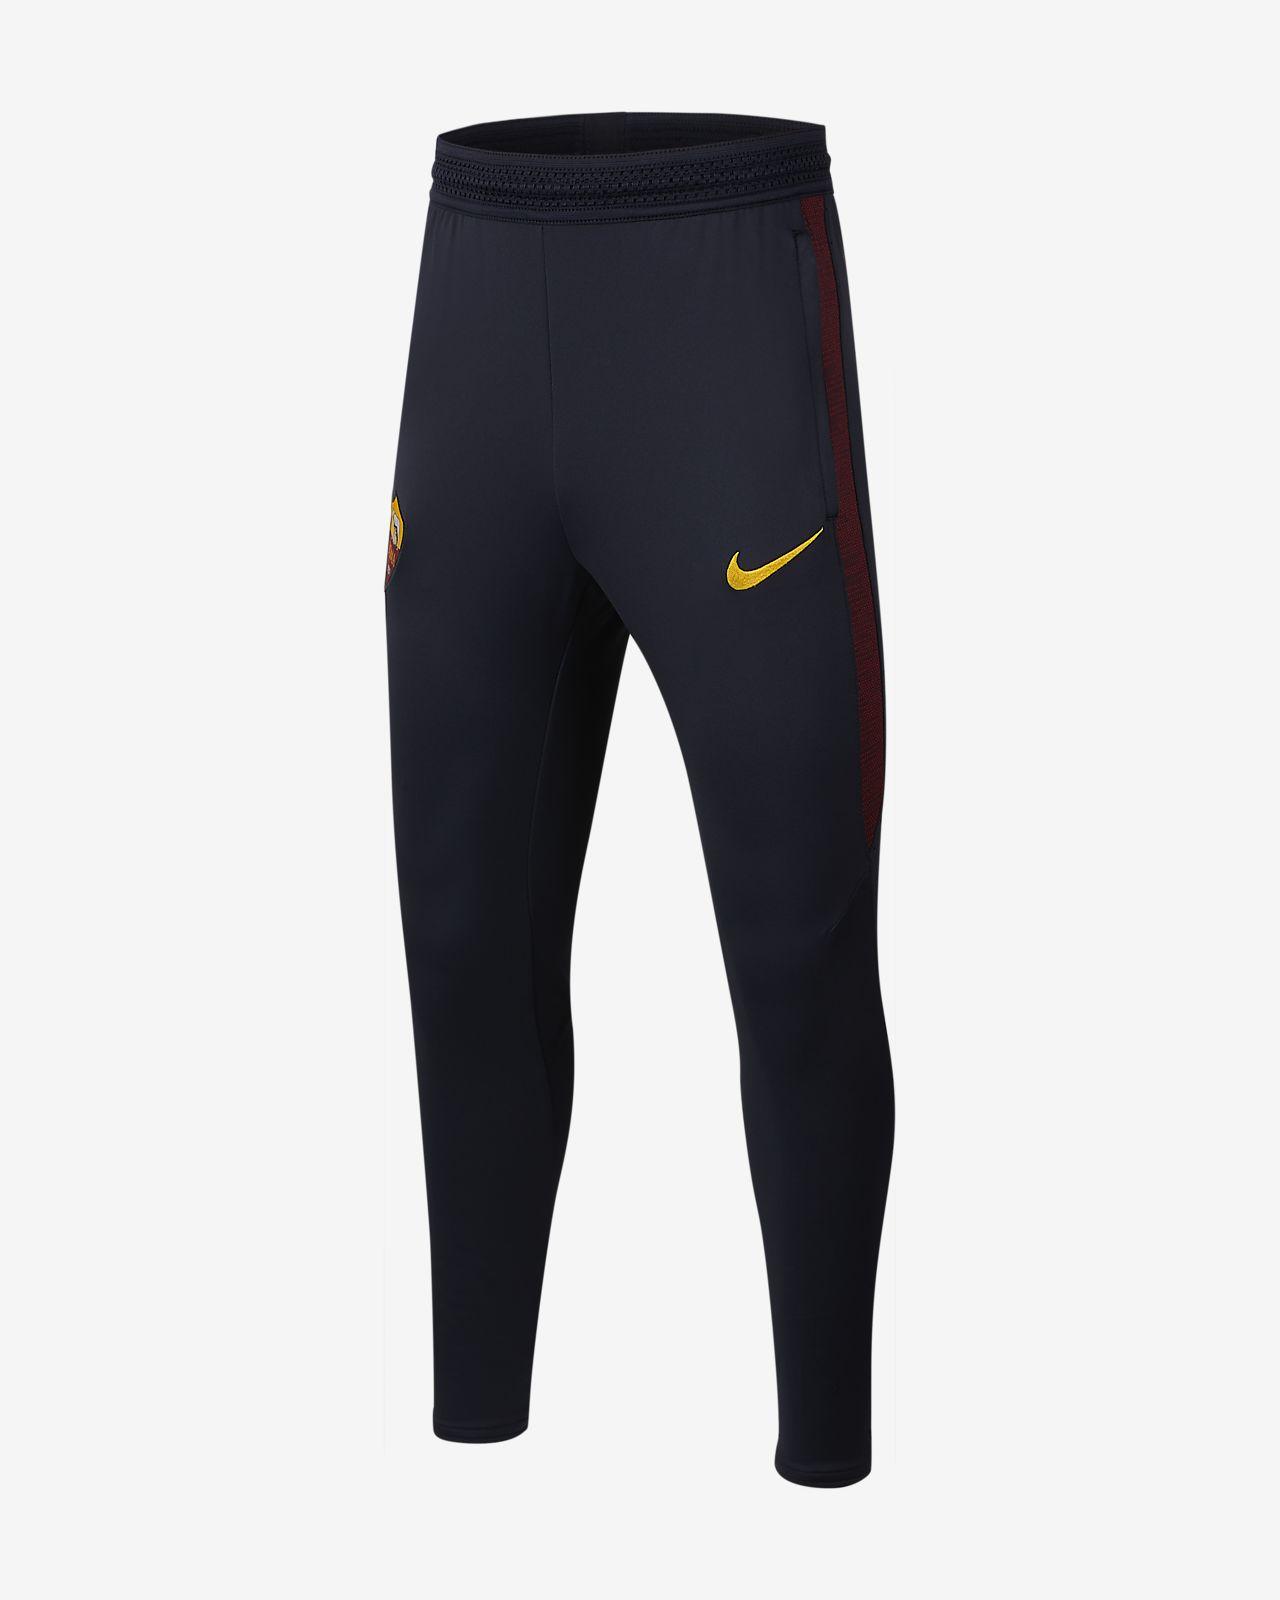 Ποδοσφαιρικό παντελόνι Nike Dri-FIT A.S. Roma Strike για μεγάλα παιδιά